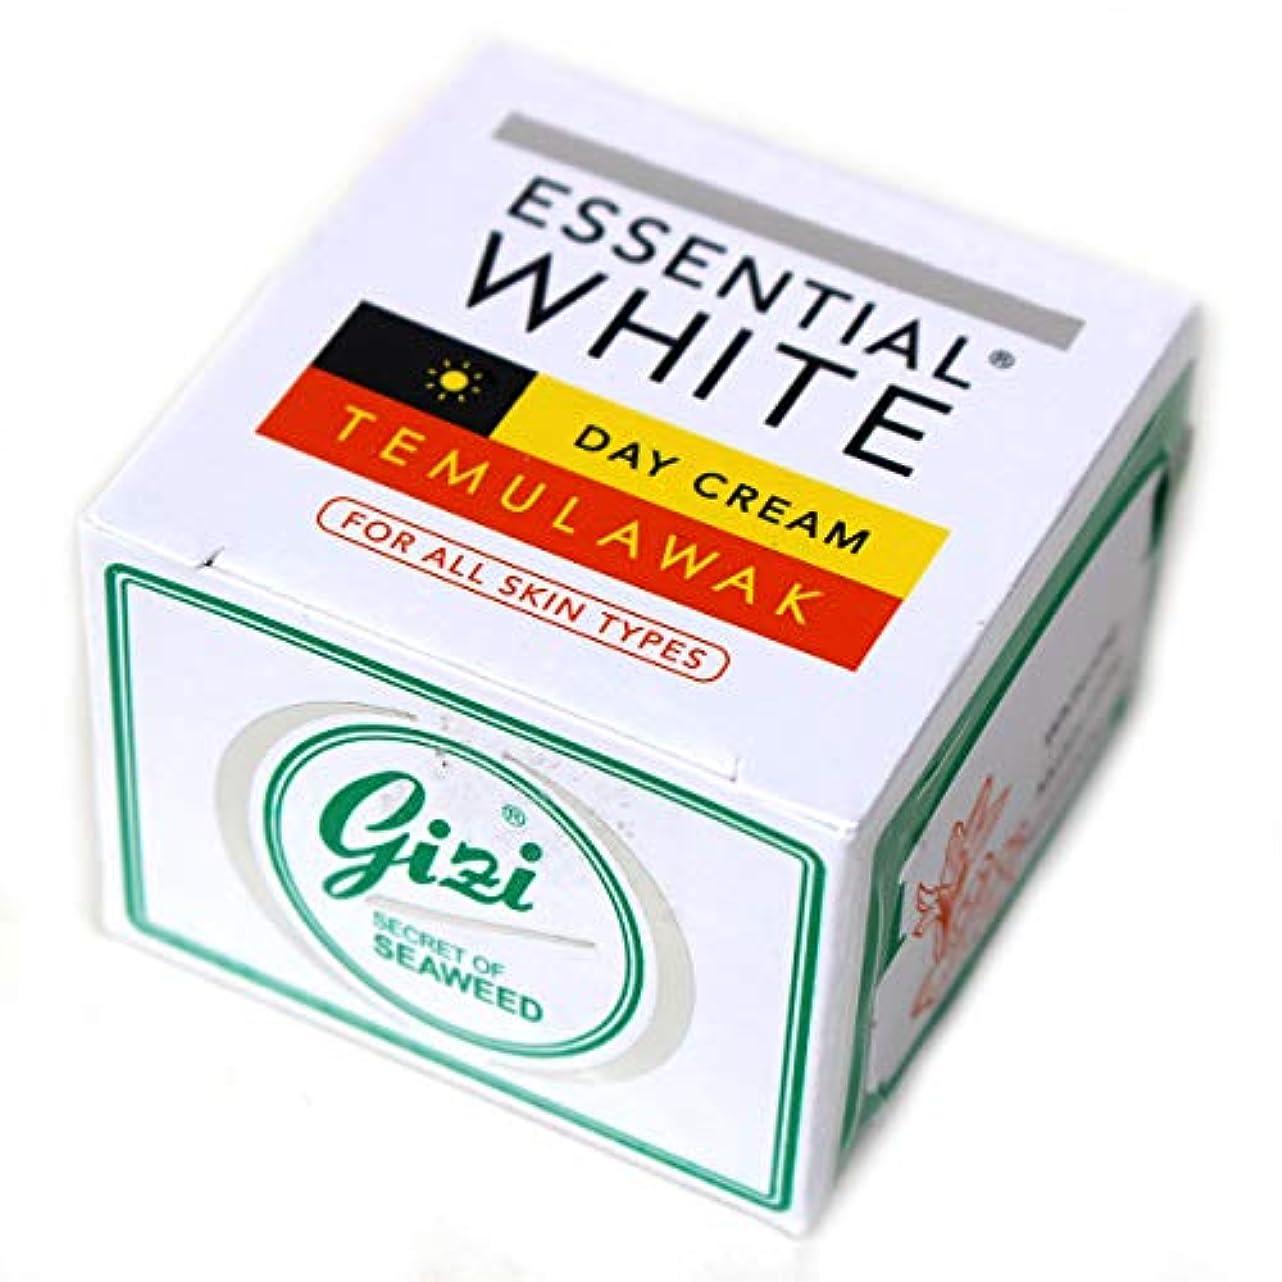 リングバック銛つかまえるギジ gizi Essential White 日中用スキンケアクリーム ボトルタイプ 9g テムラワク ウコン など天然成分配合 [海外直送品]